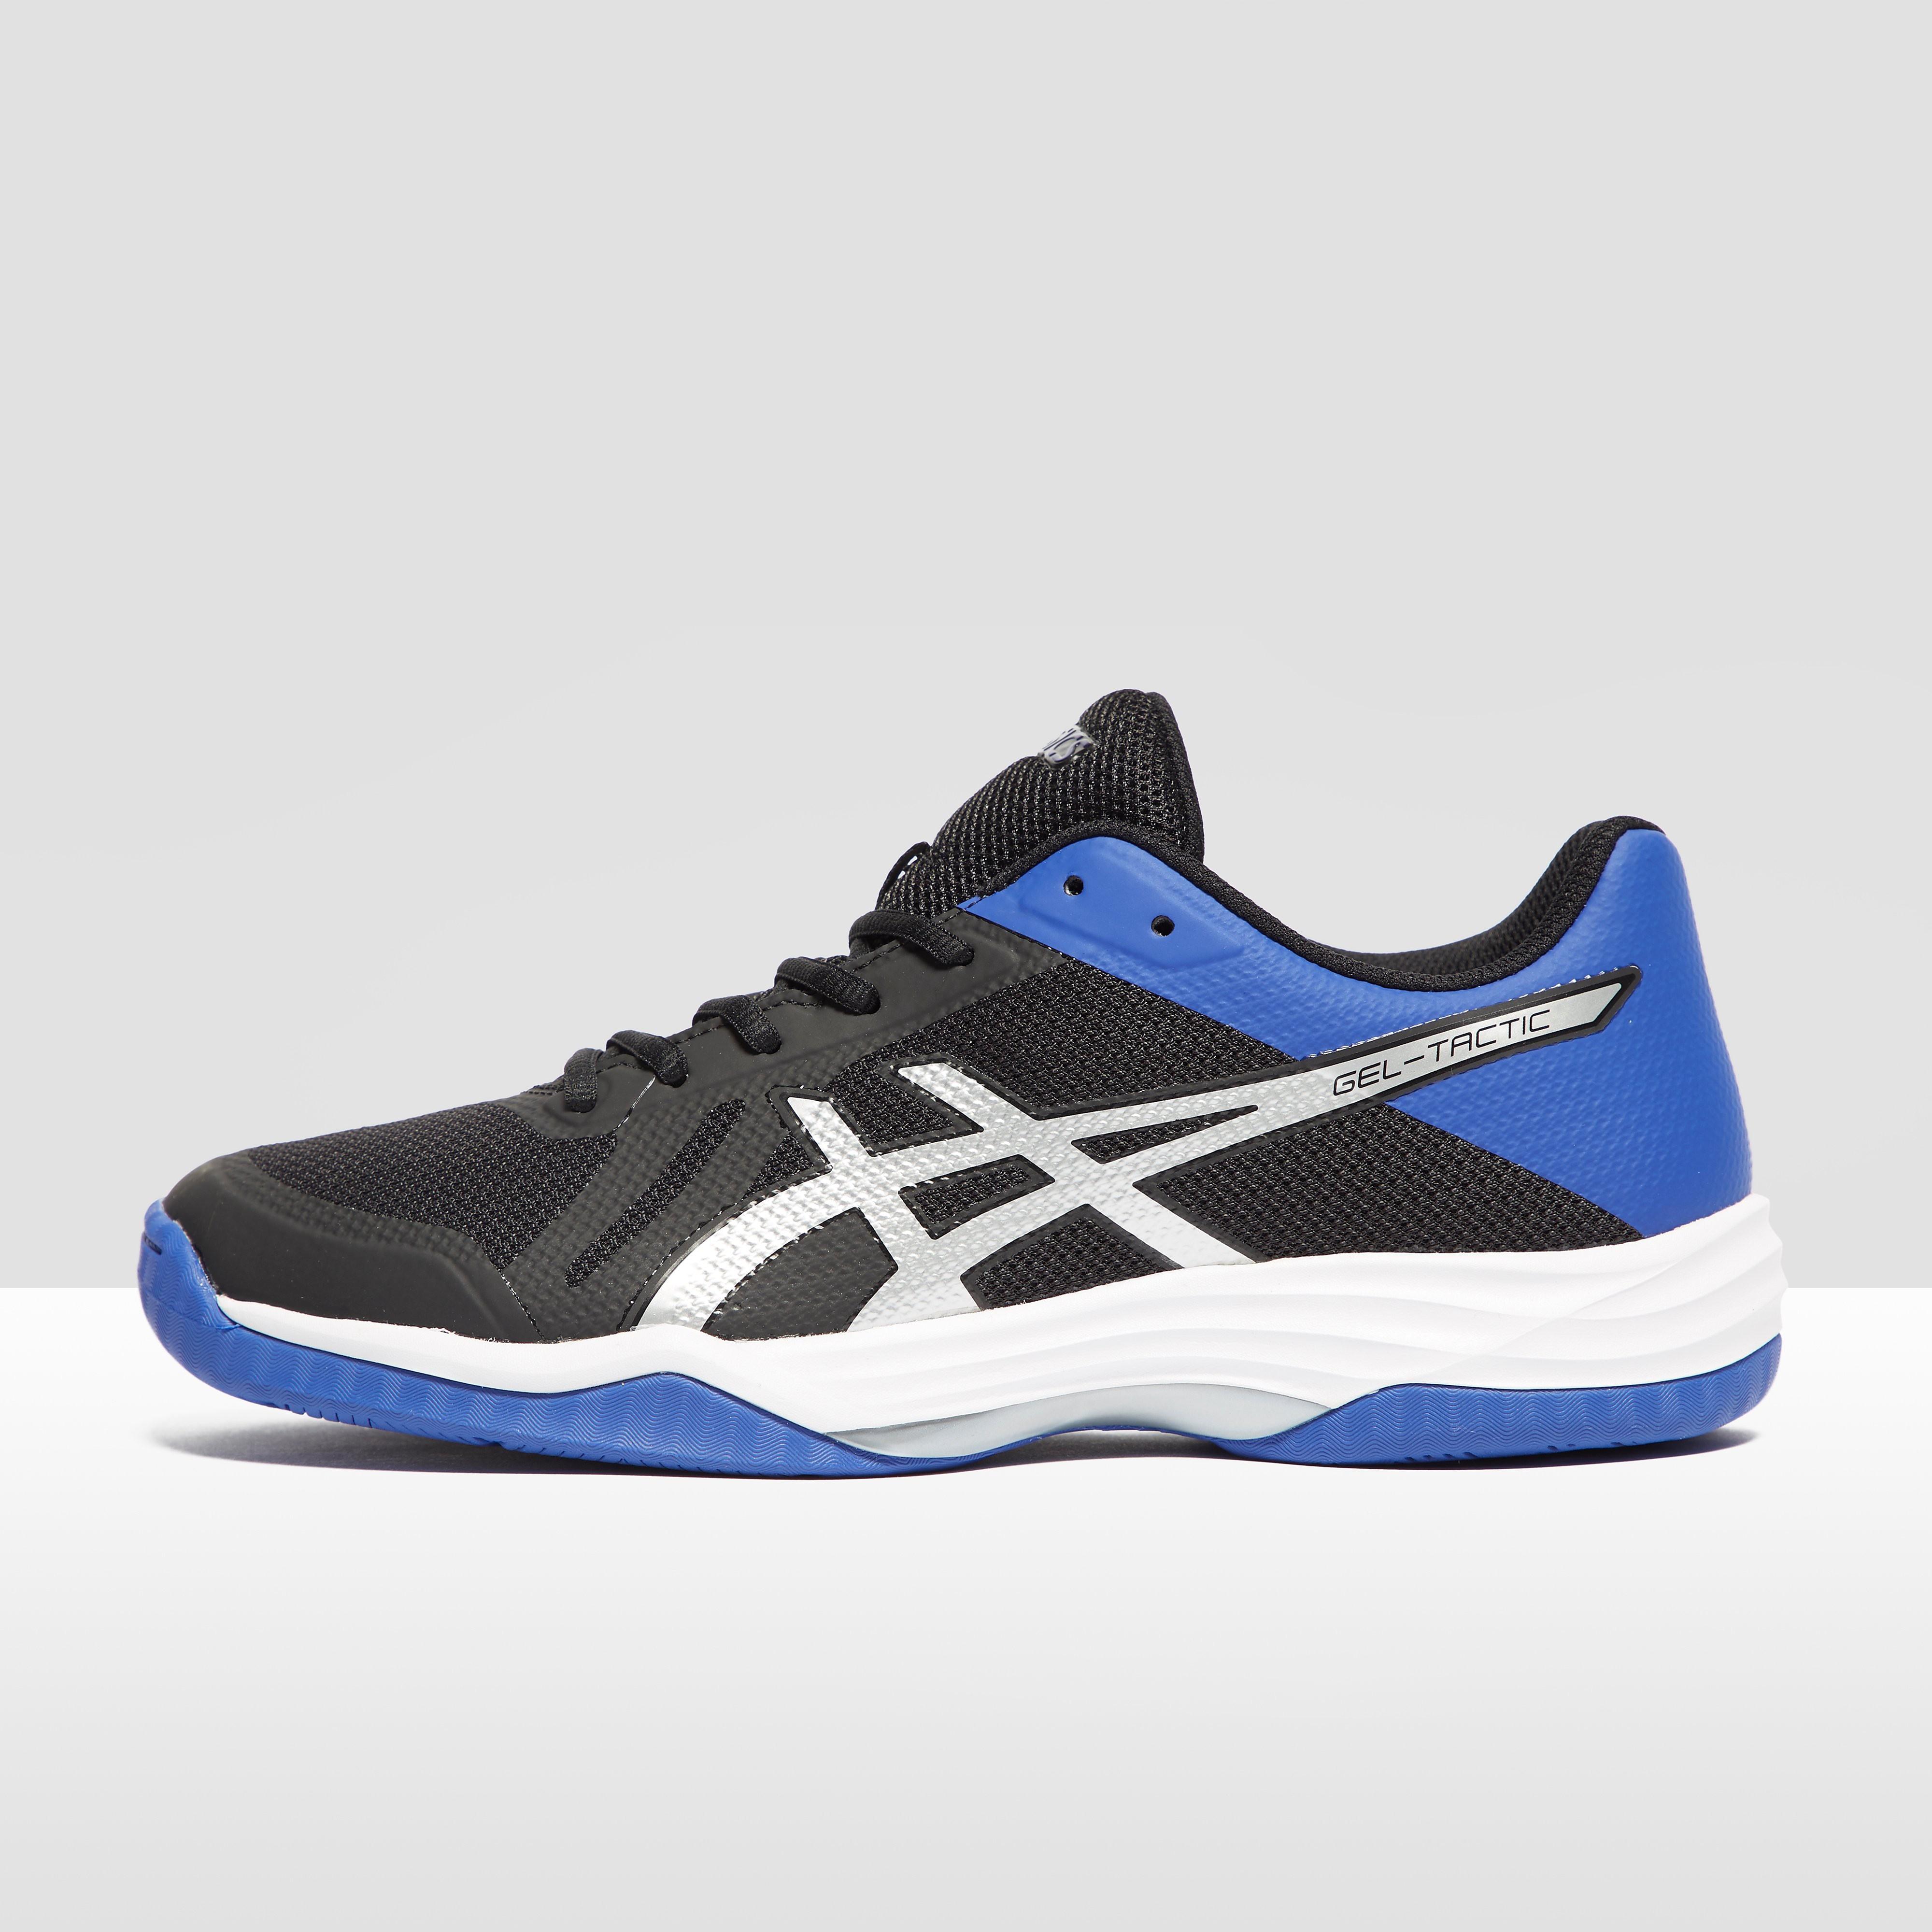 ASICS GEL-Tactic 2 Men's Indoor Shoes